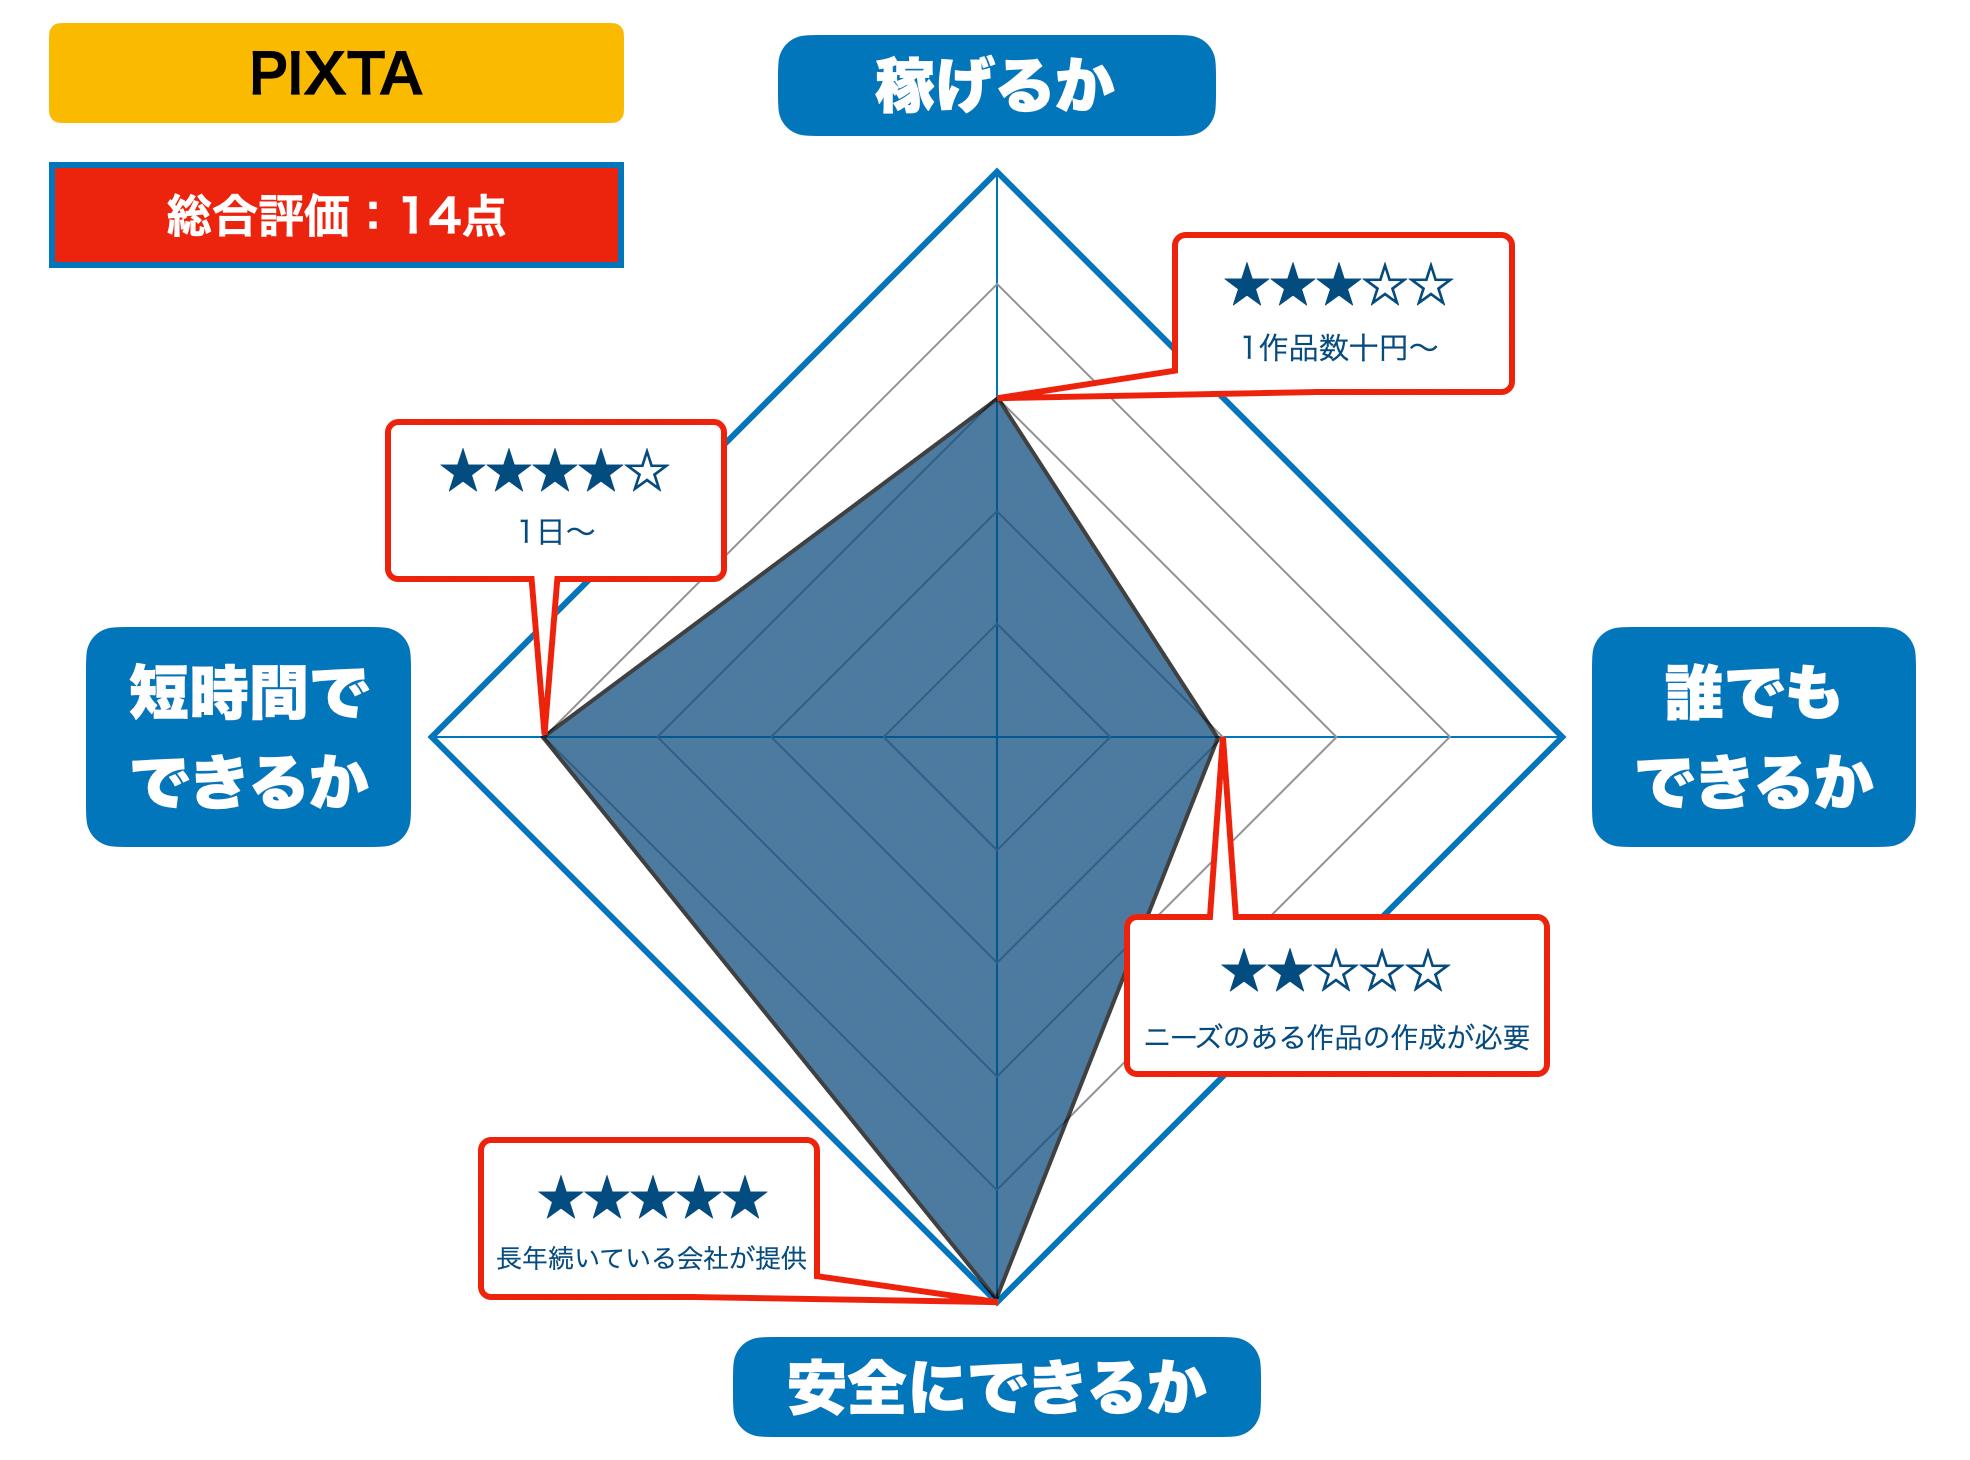 PIXTAの評価